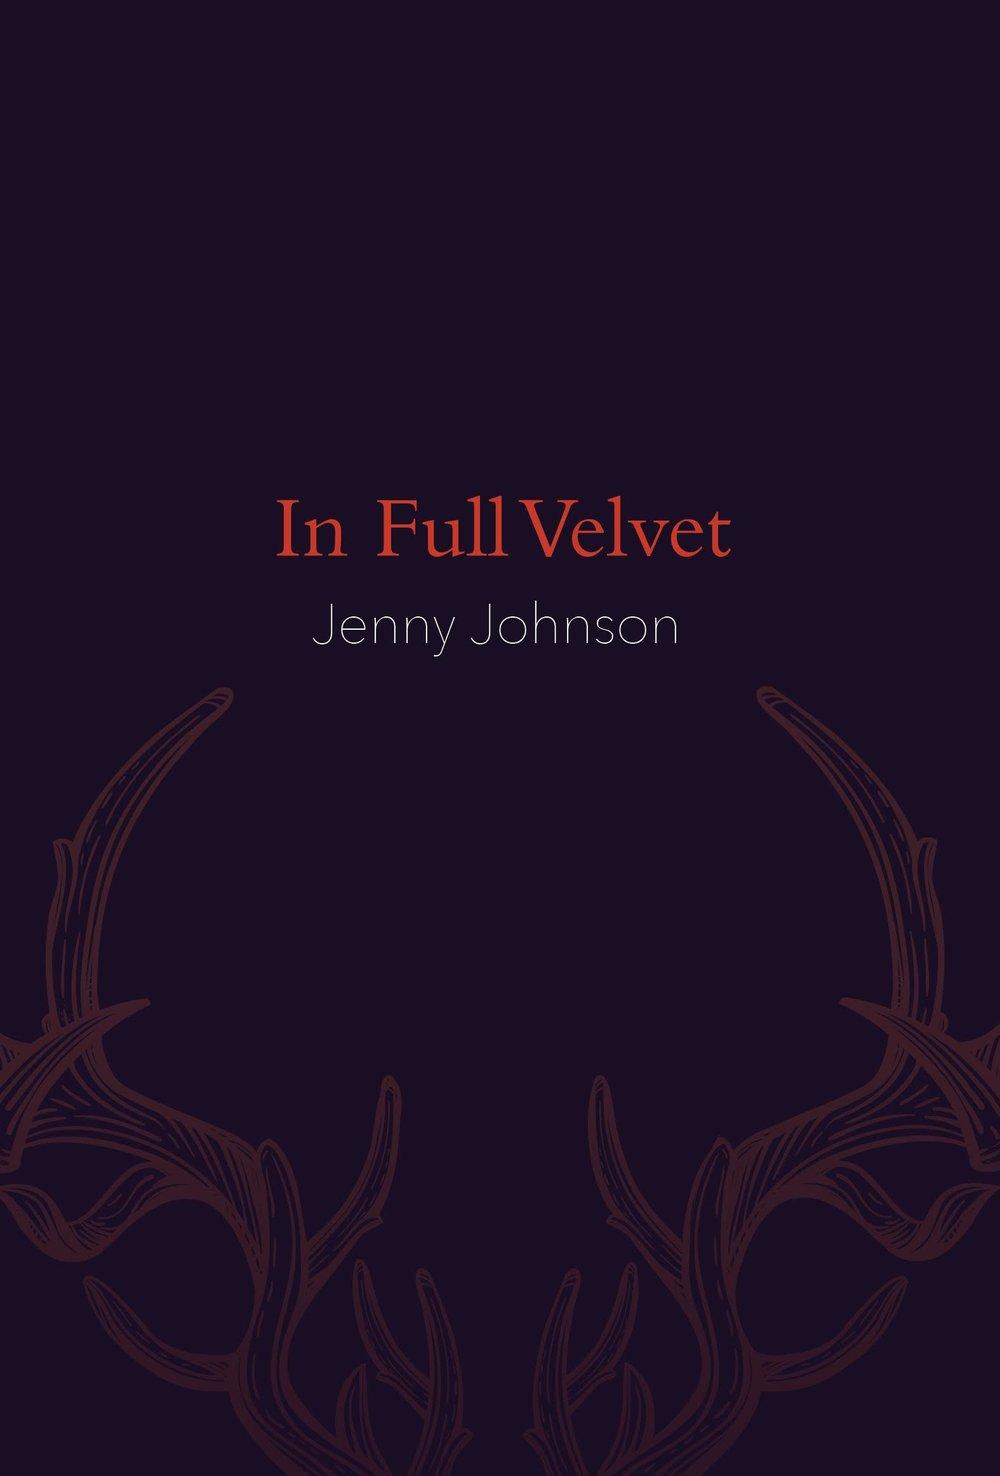 - Purchase In Full Velvetfrom Sarabande Books.